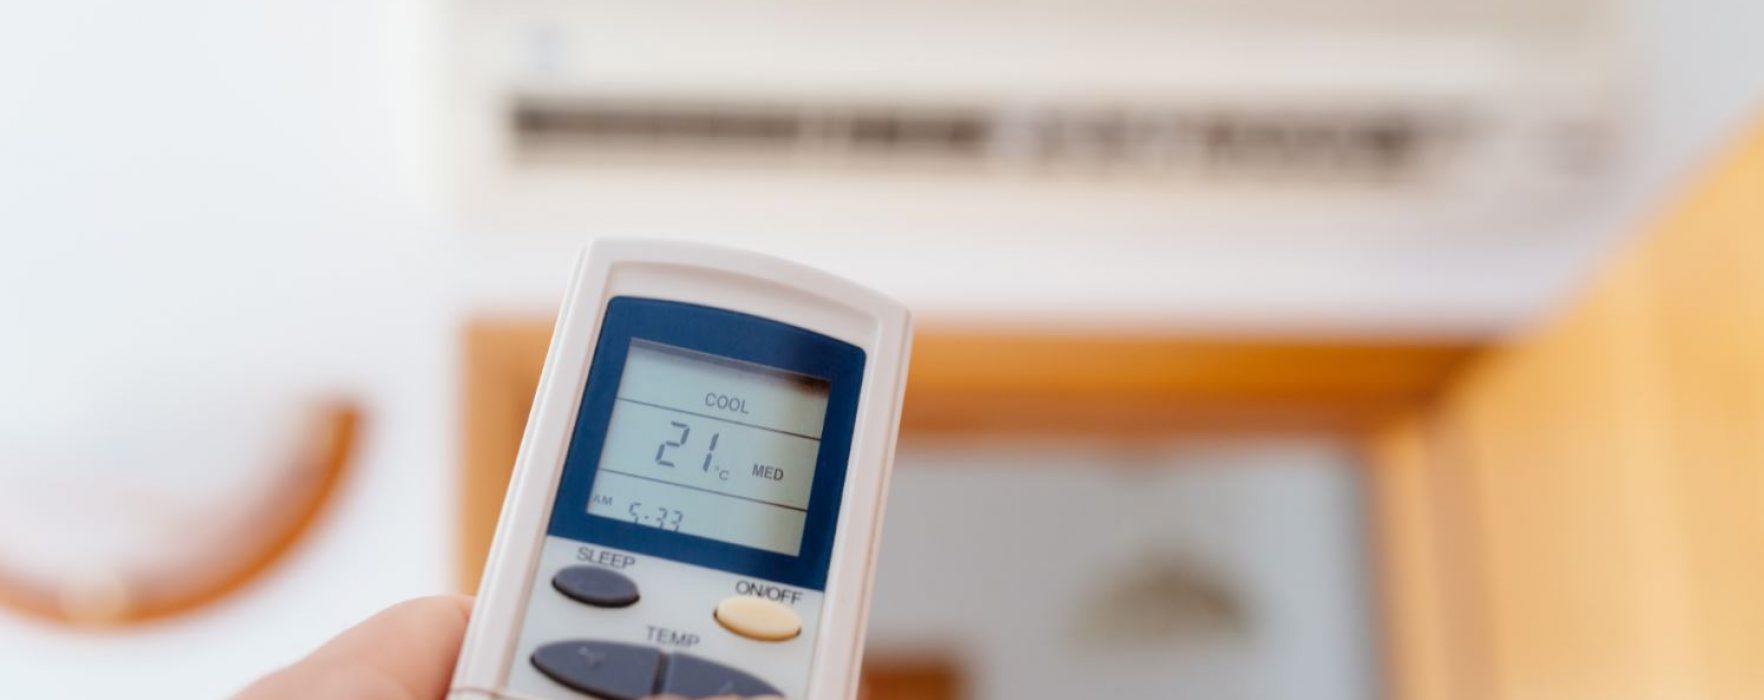 Baja la temperatura con AEDAS Homes: disfruta de tu aire acondicionado preinstalado